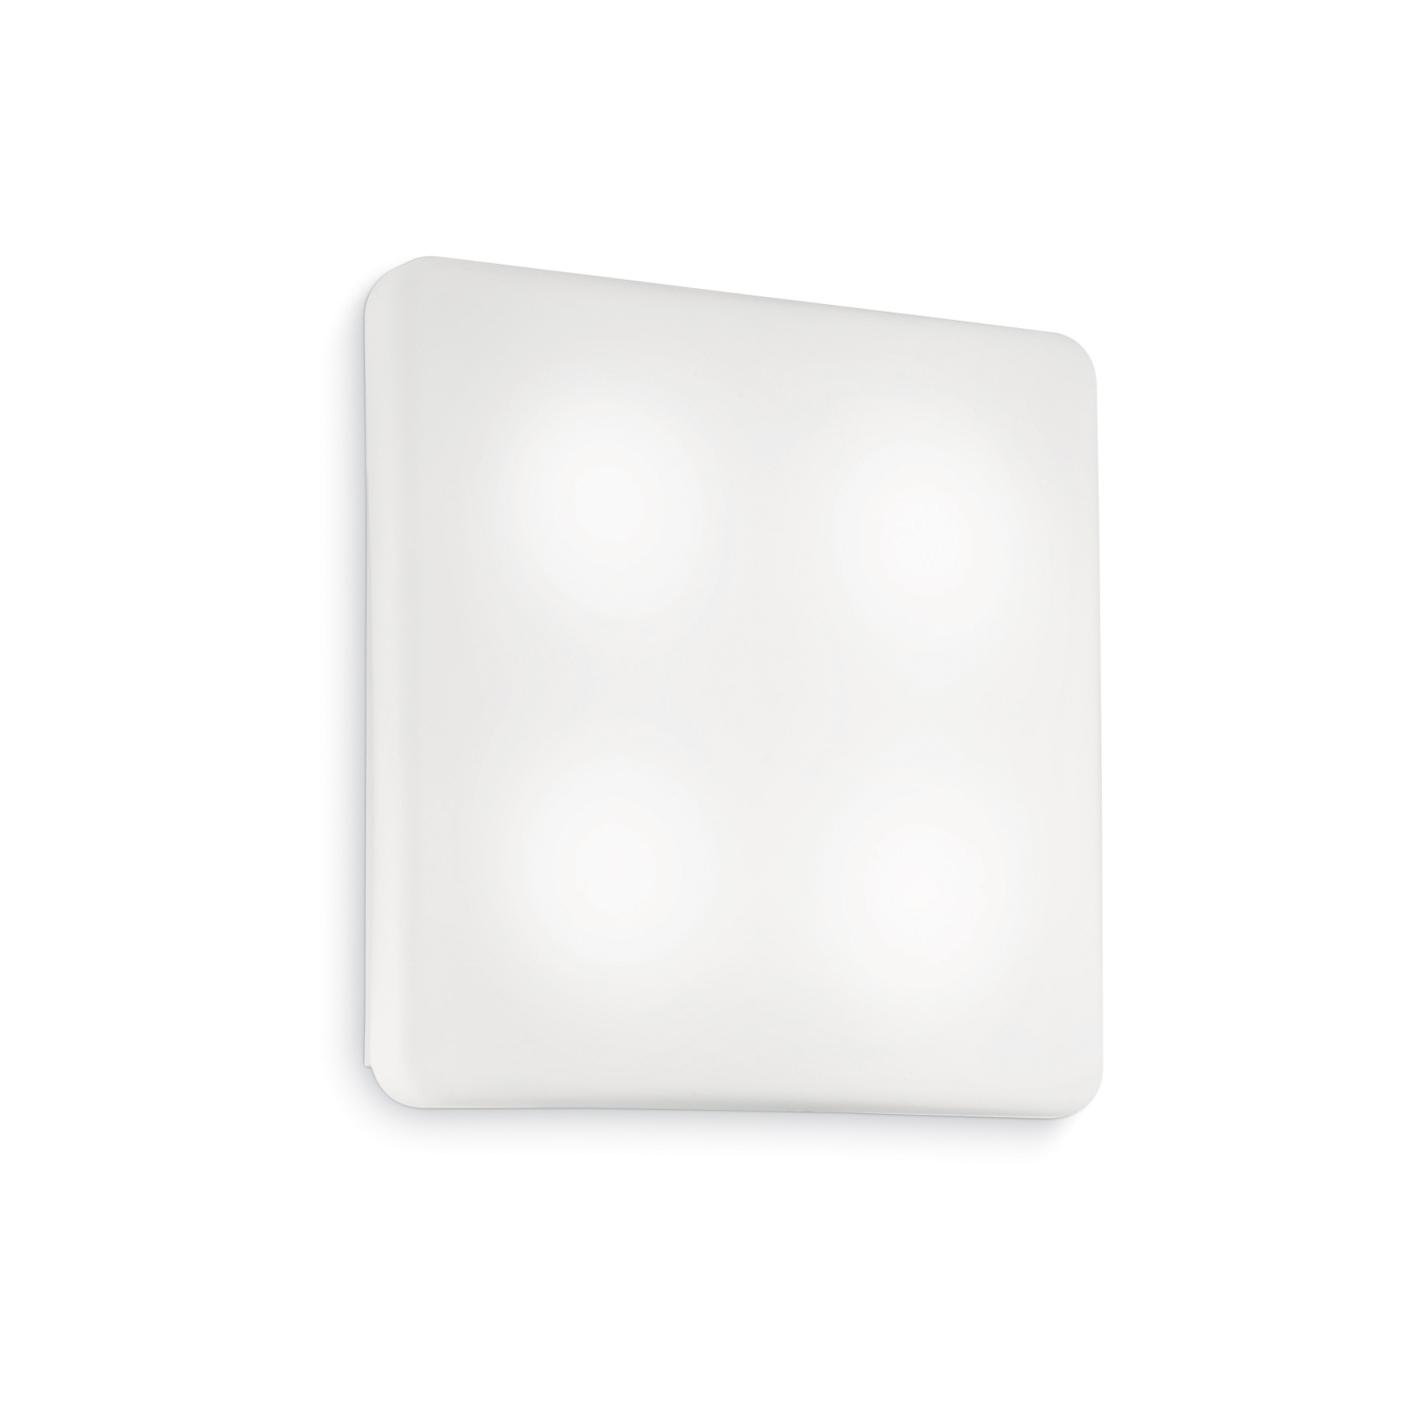 Ideal Lux IL 144146 GOLIA PL4 svítidlo + 3 roky záruka ZDARMA!